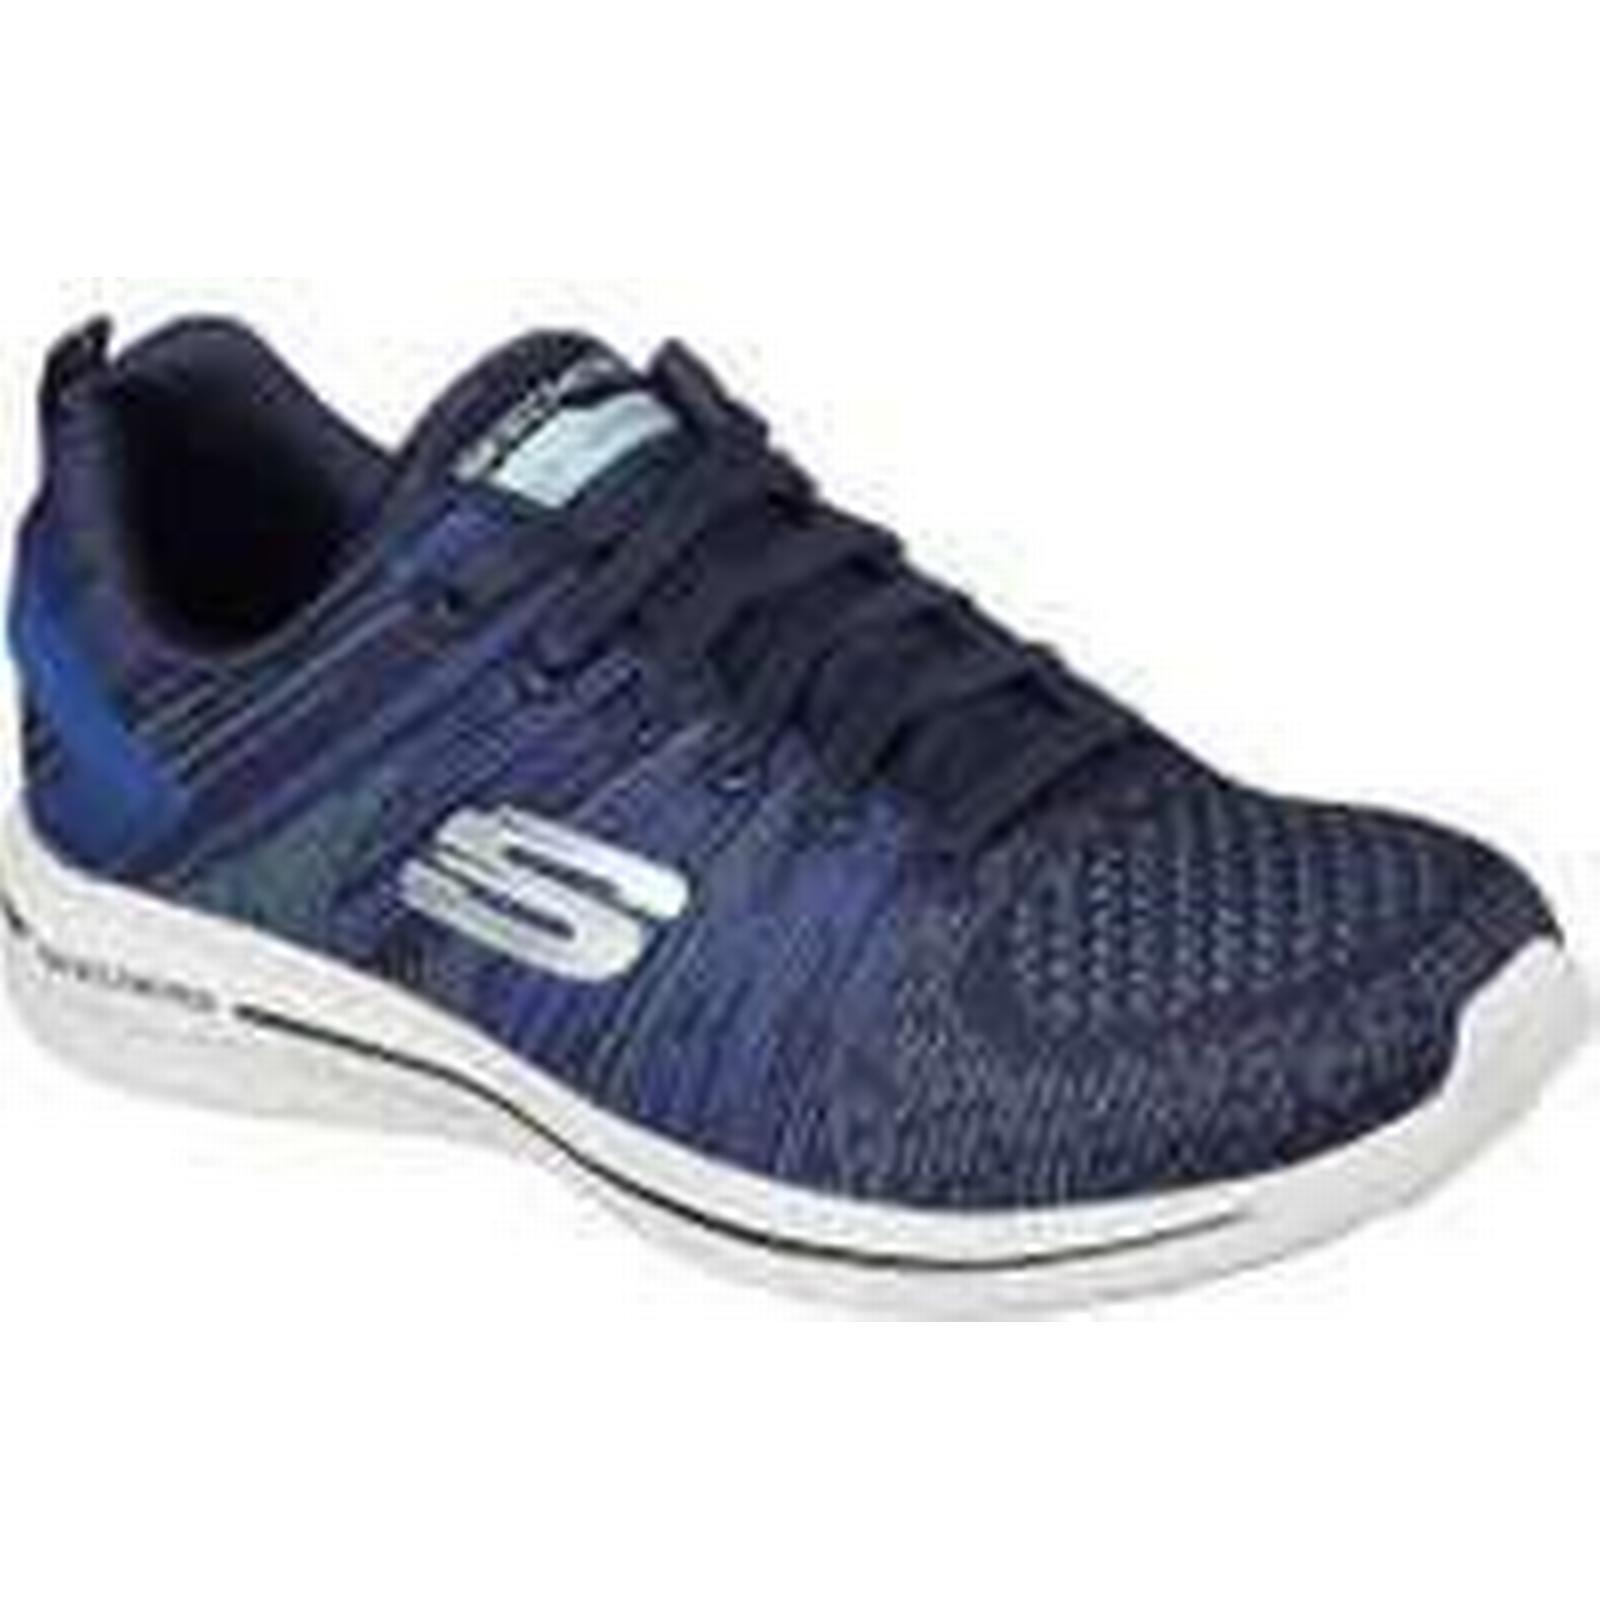 Skechers Burst - 2.0 Ladies Walking Shoes - Burst Navy/Blue, 7 UK 21b394